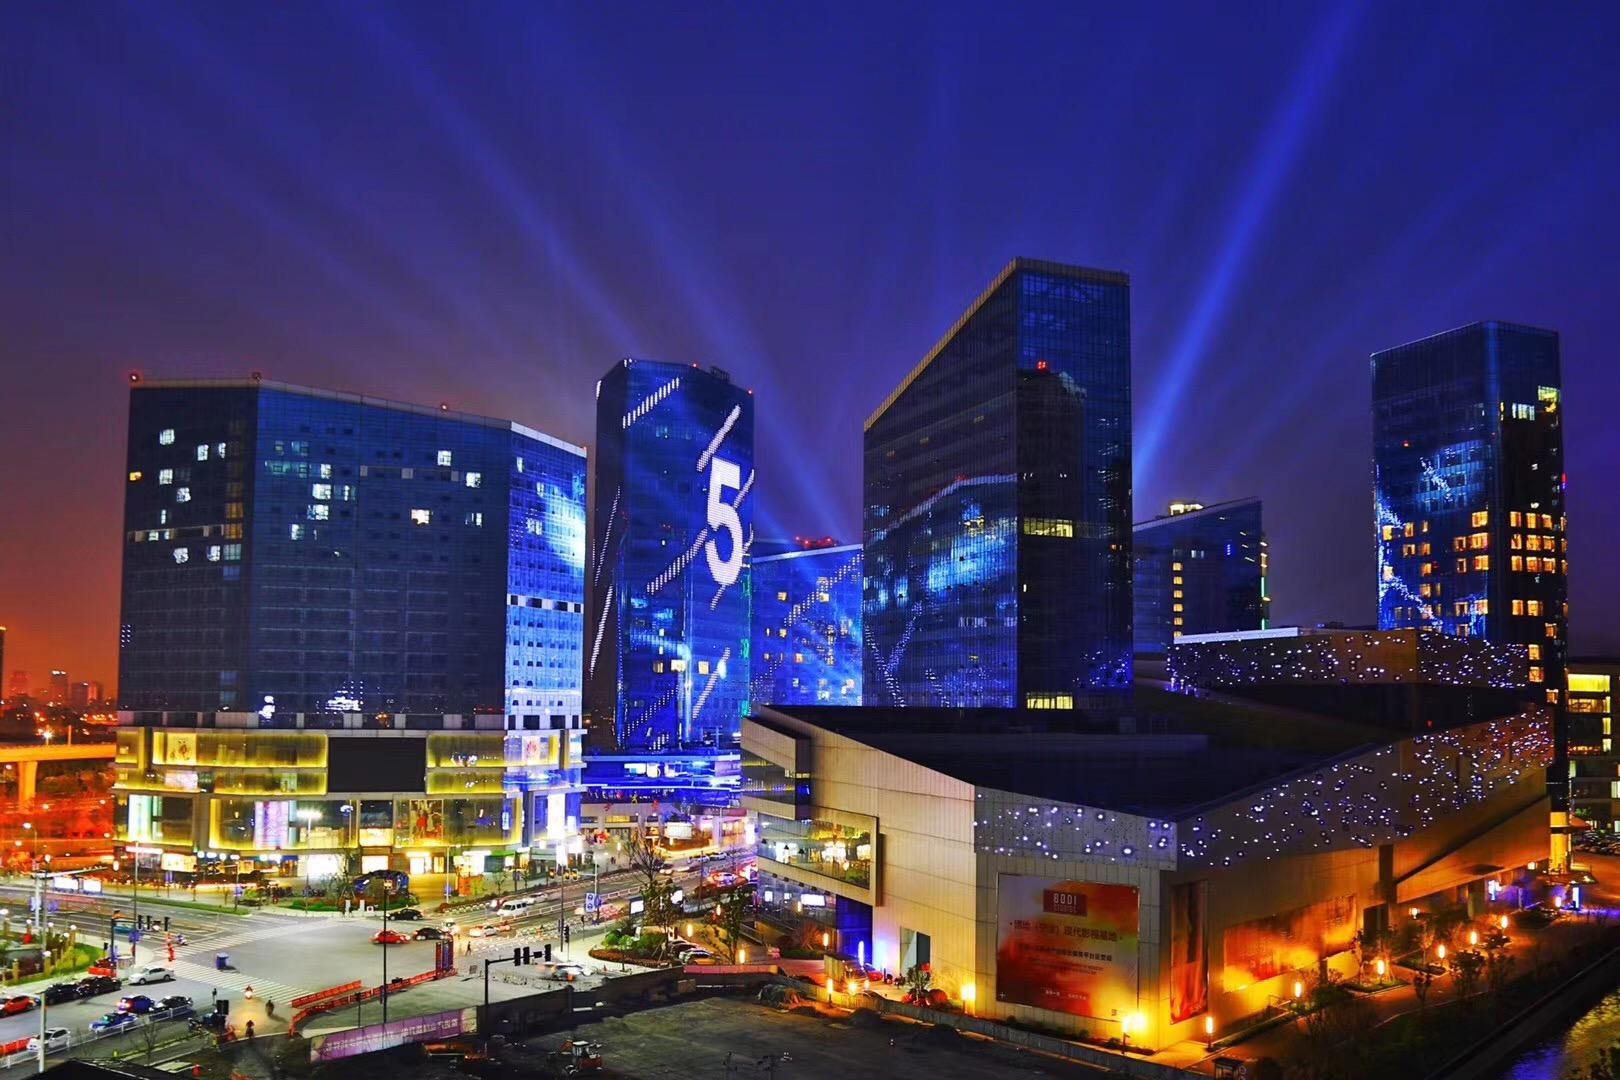 宁波博地影秀城